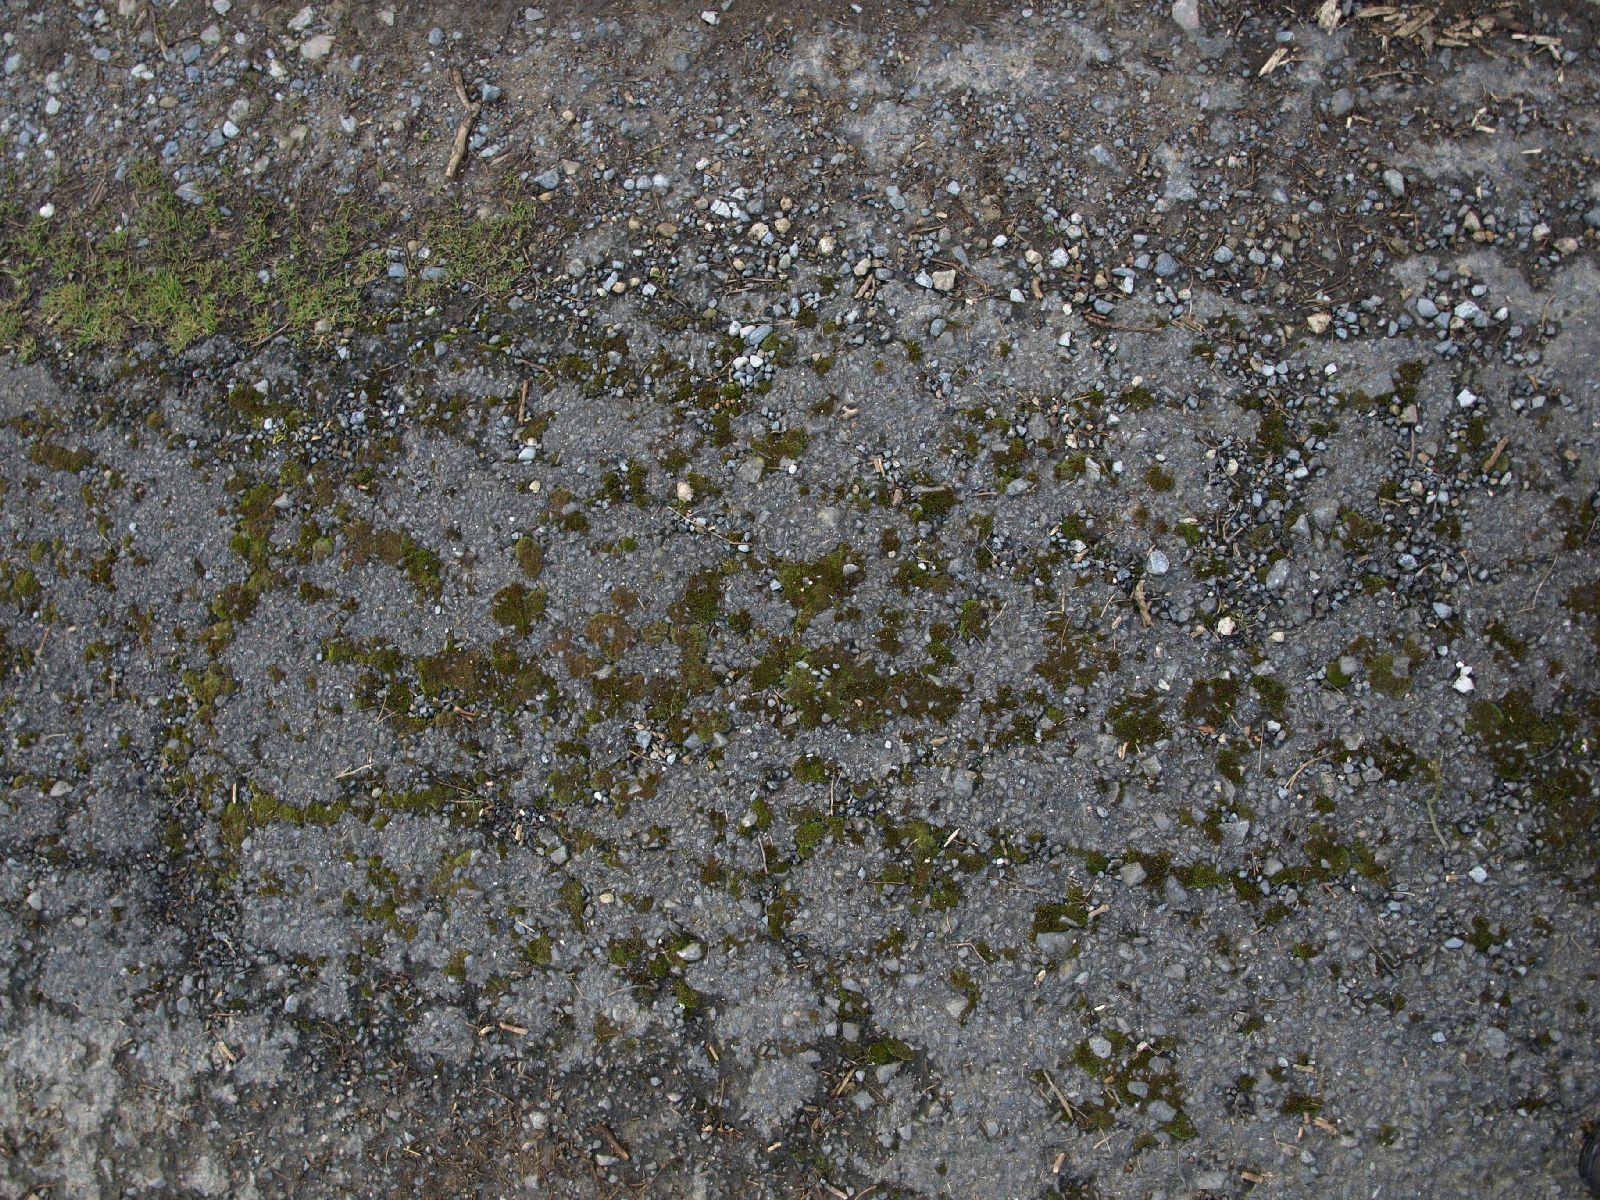 Boden-Erde-Steine_Textur_A_P4070131